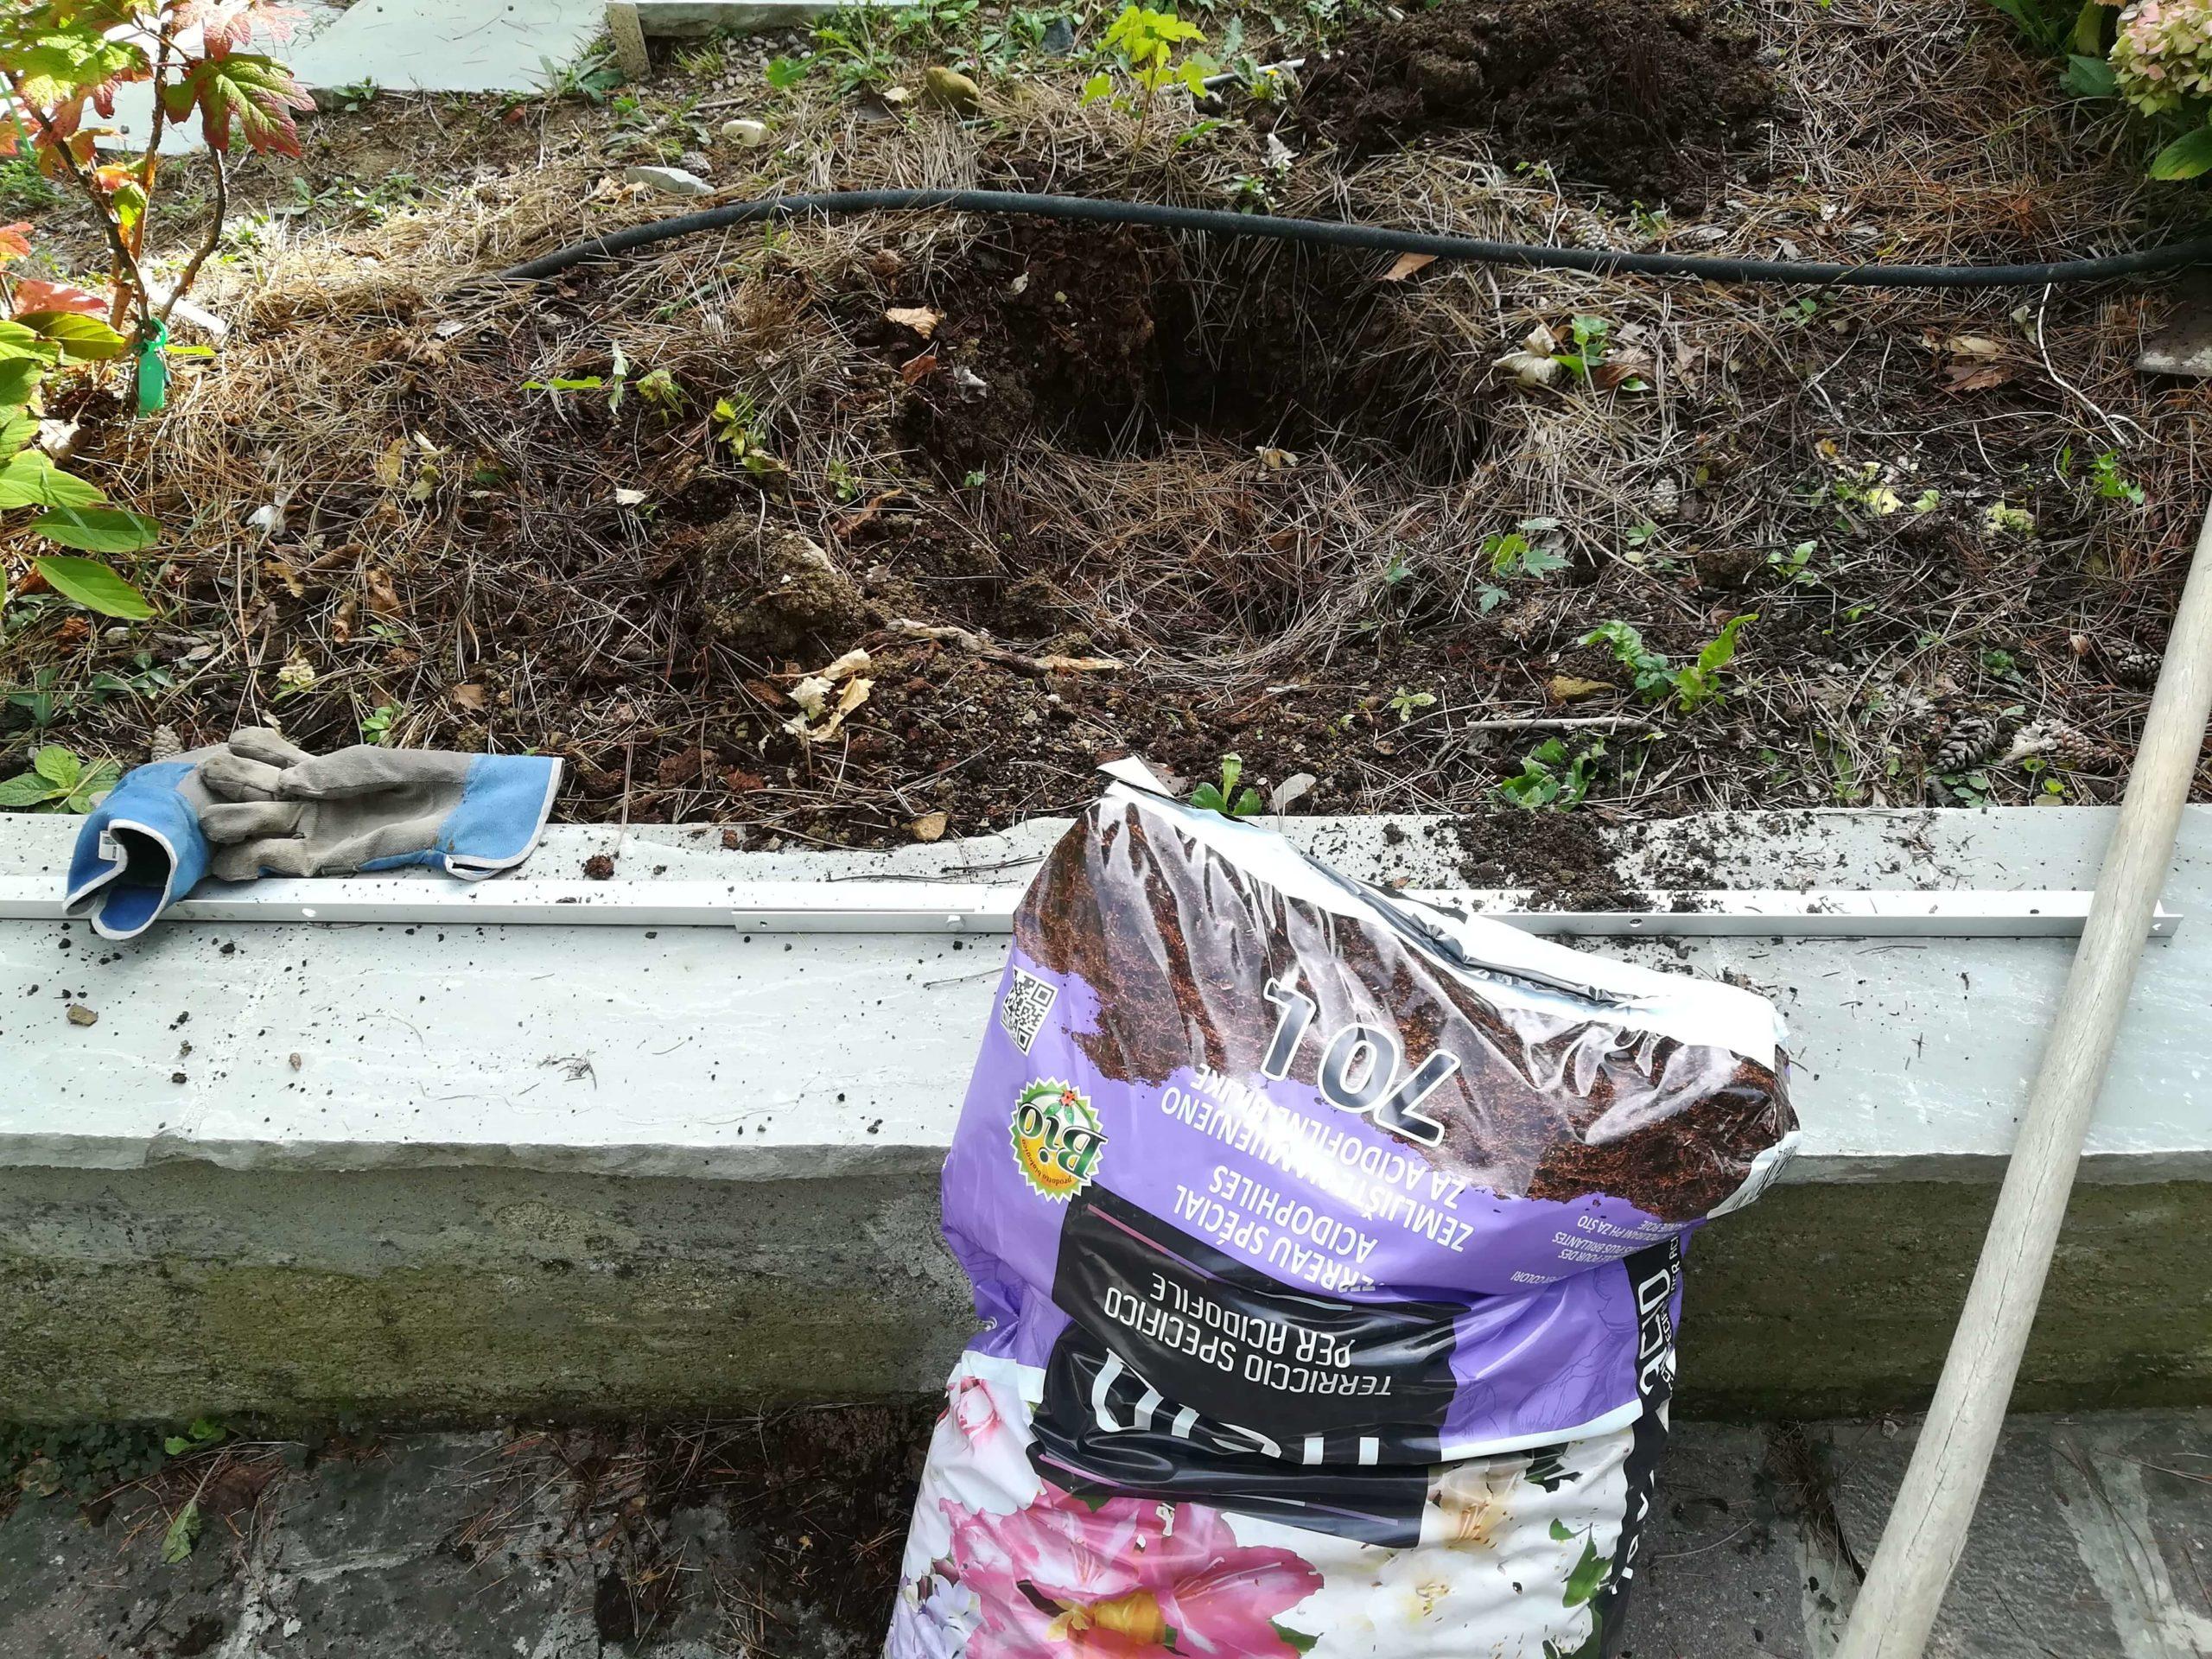 Come spostare una pianta di ortensia da una zona all'altra del giardino. post thumbnail